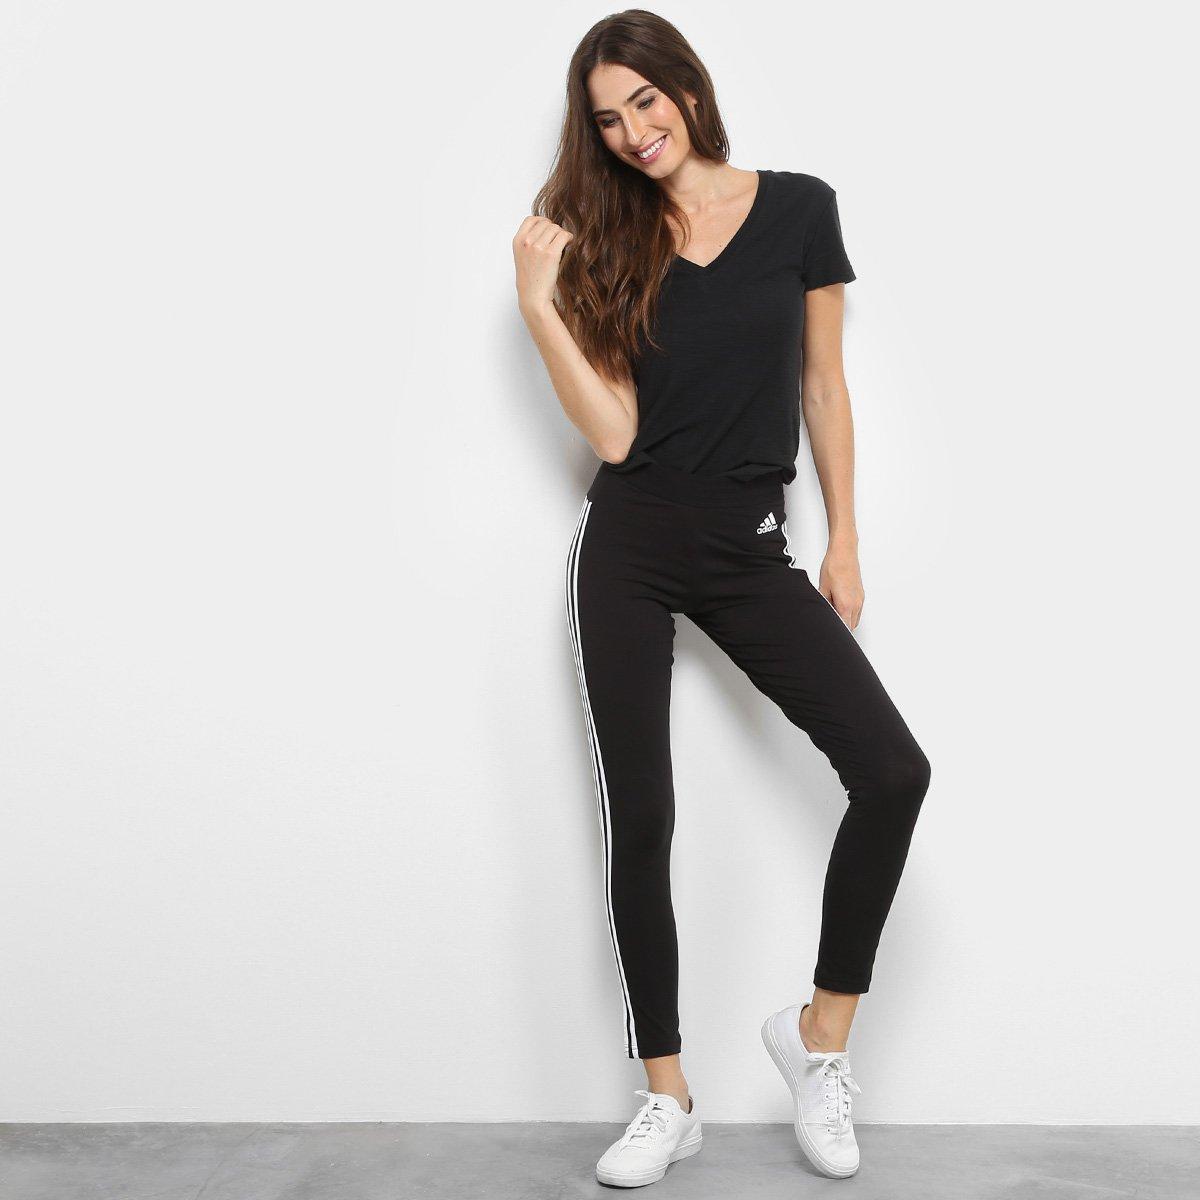 Calça Legging Adidas Essentials 3S Feminina - Compre Agora  63437f2019b6a